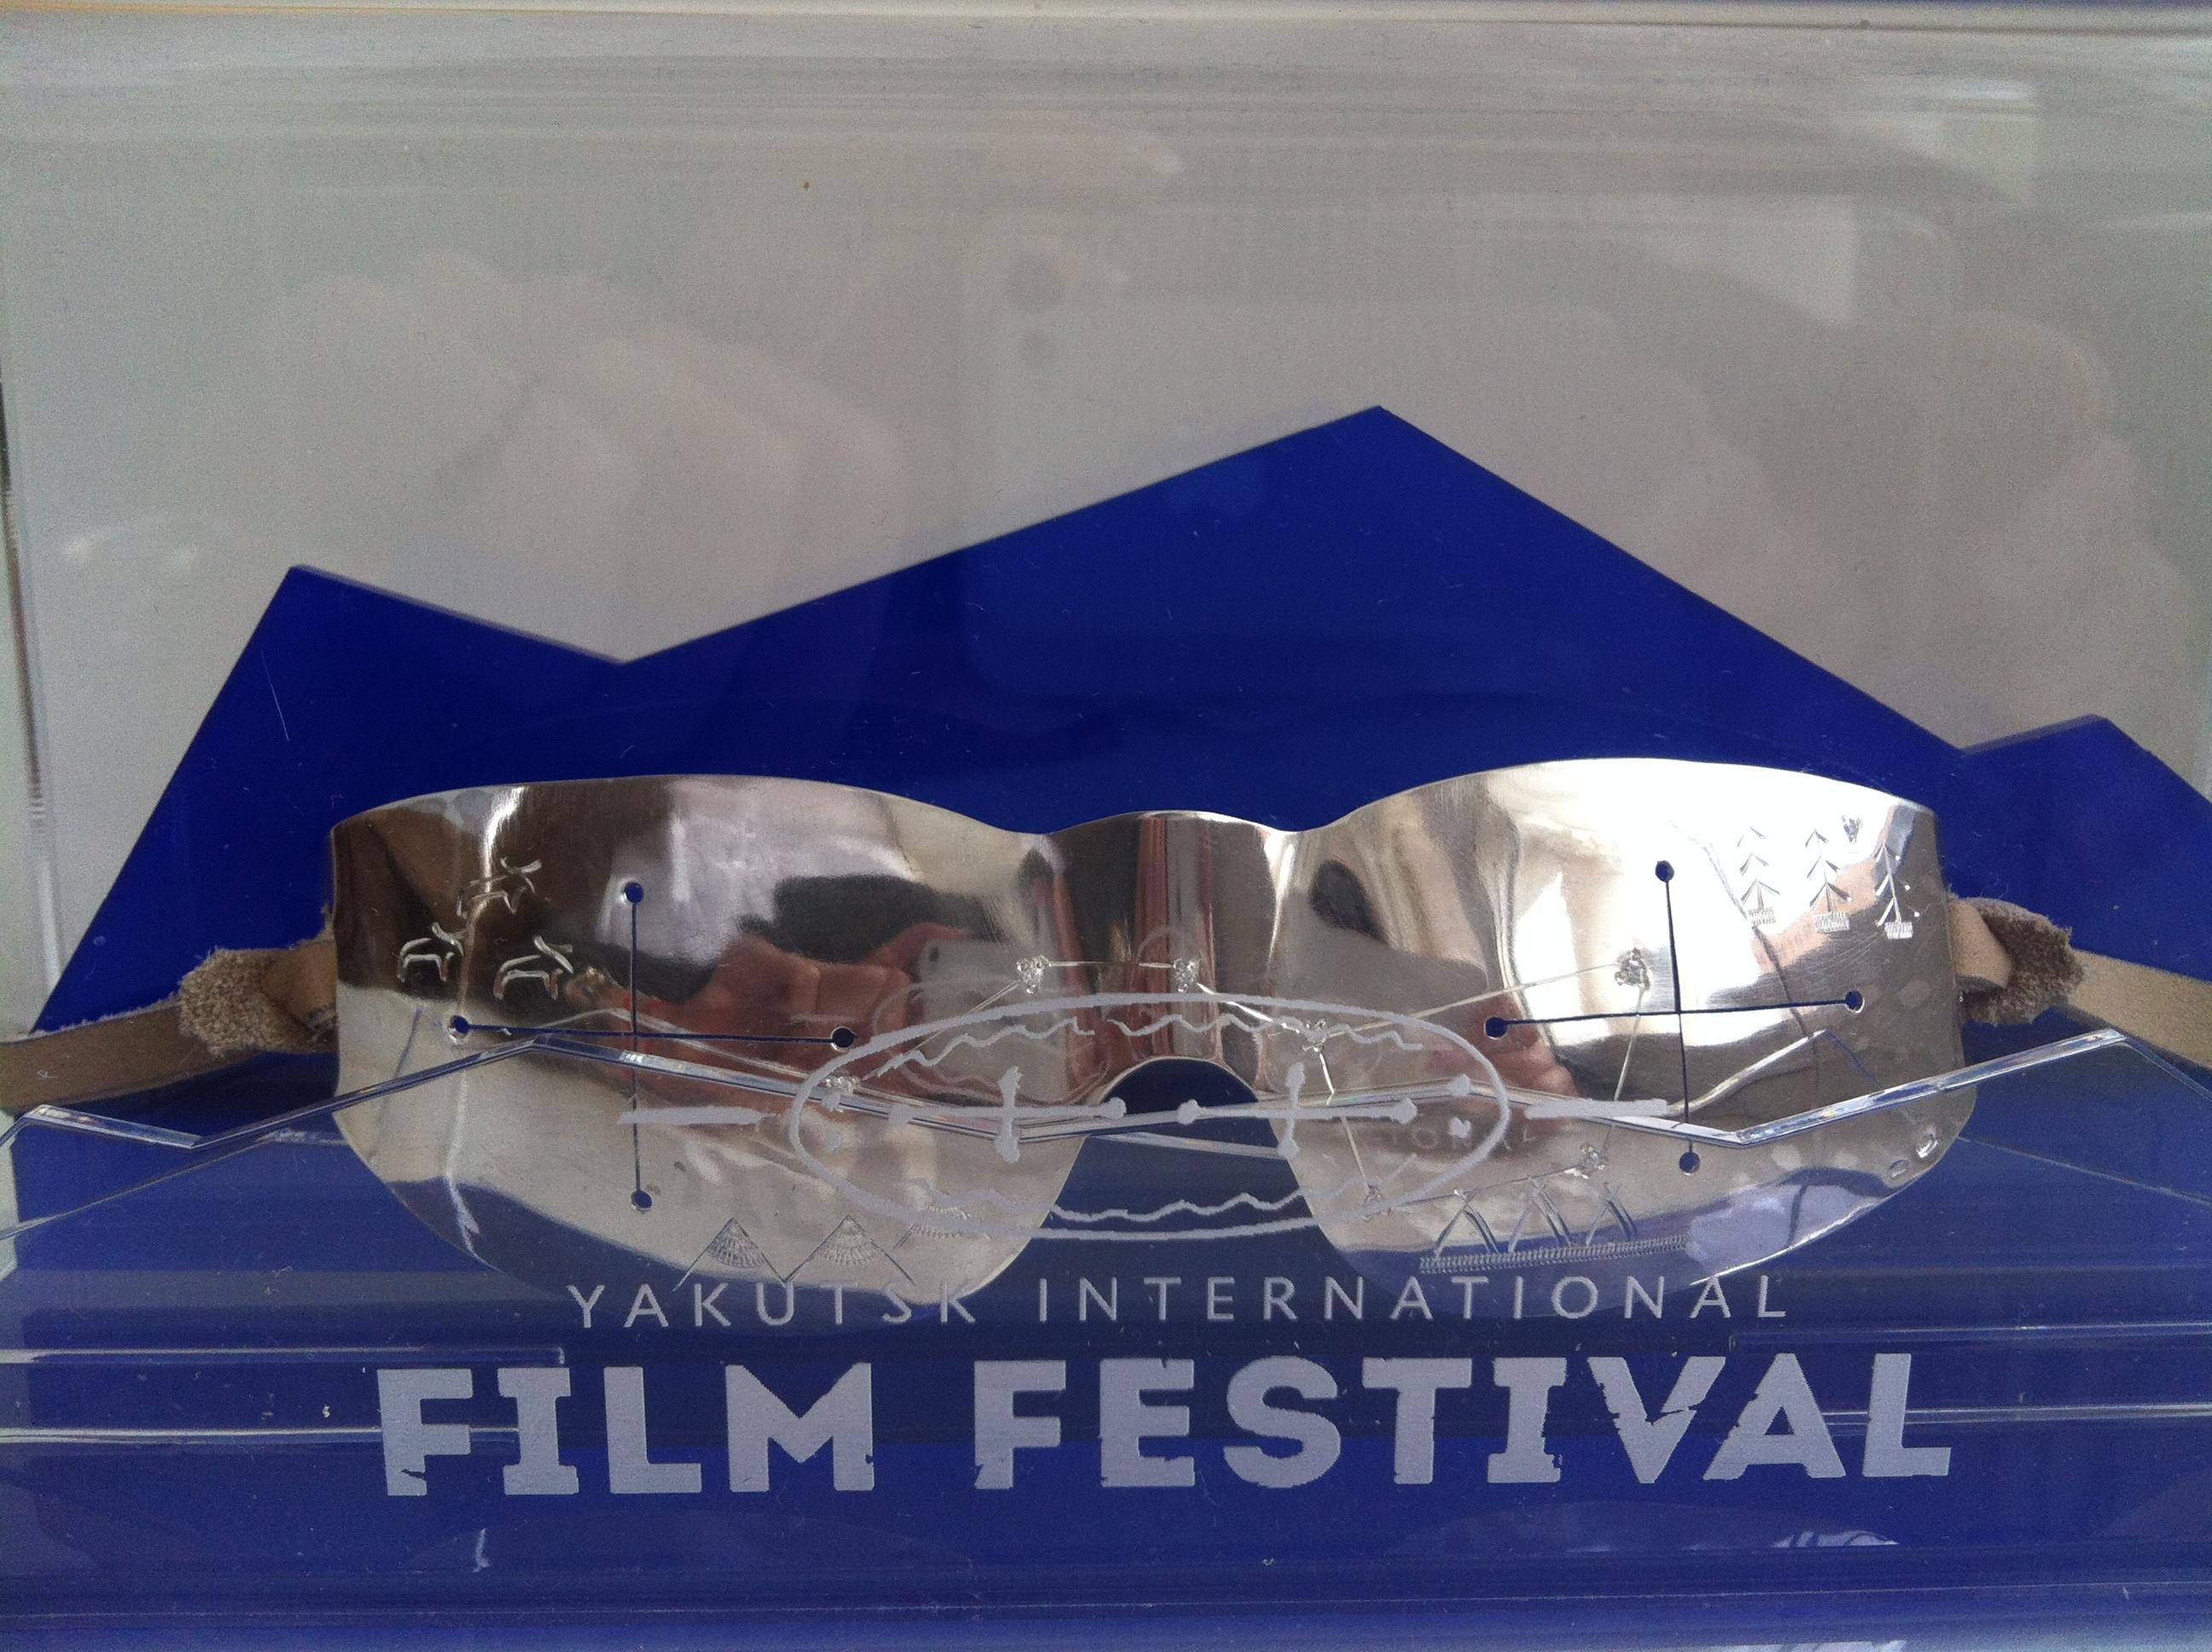 Якутский международный кинофестиваль состоится в марте 2019 года